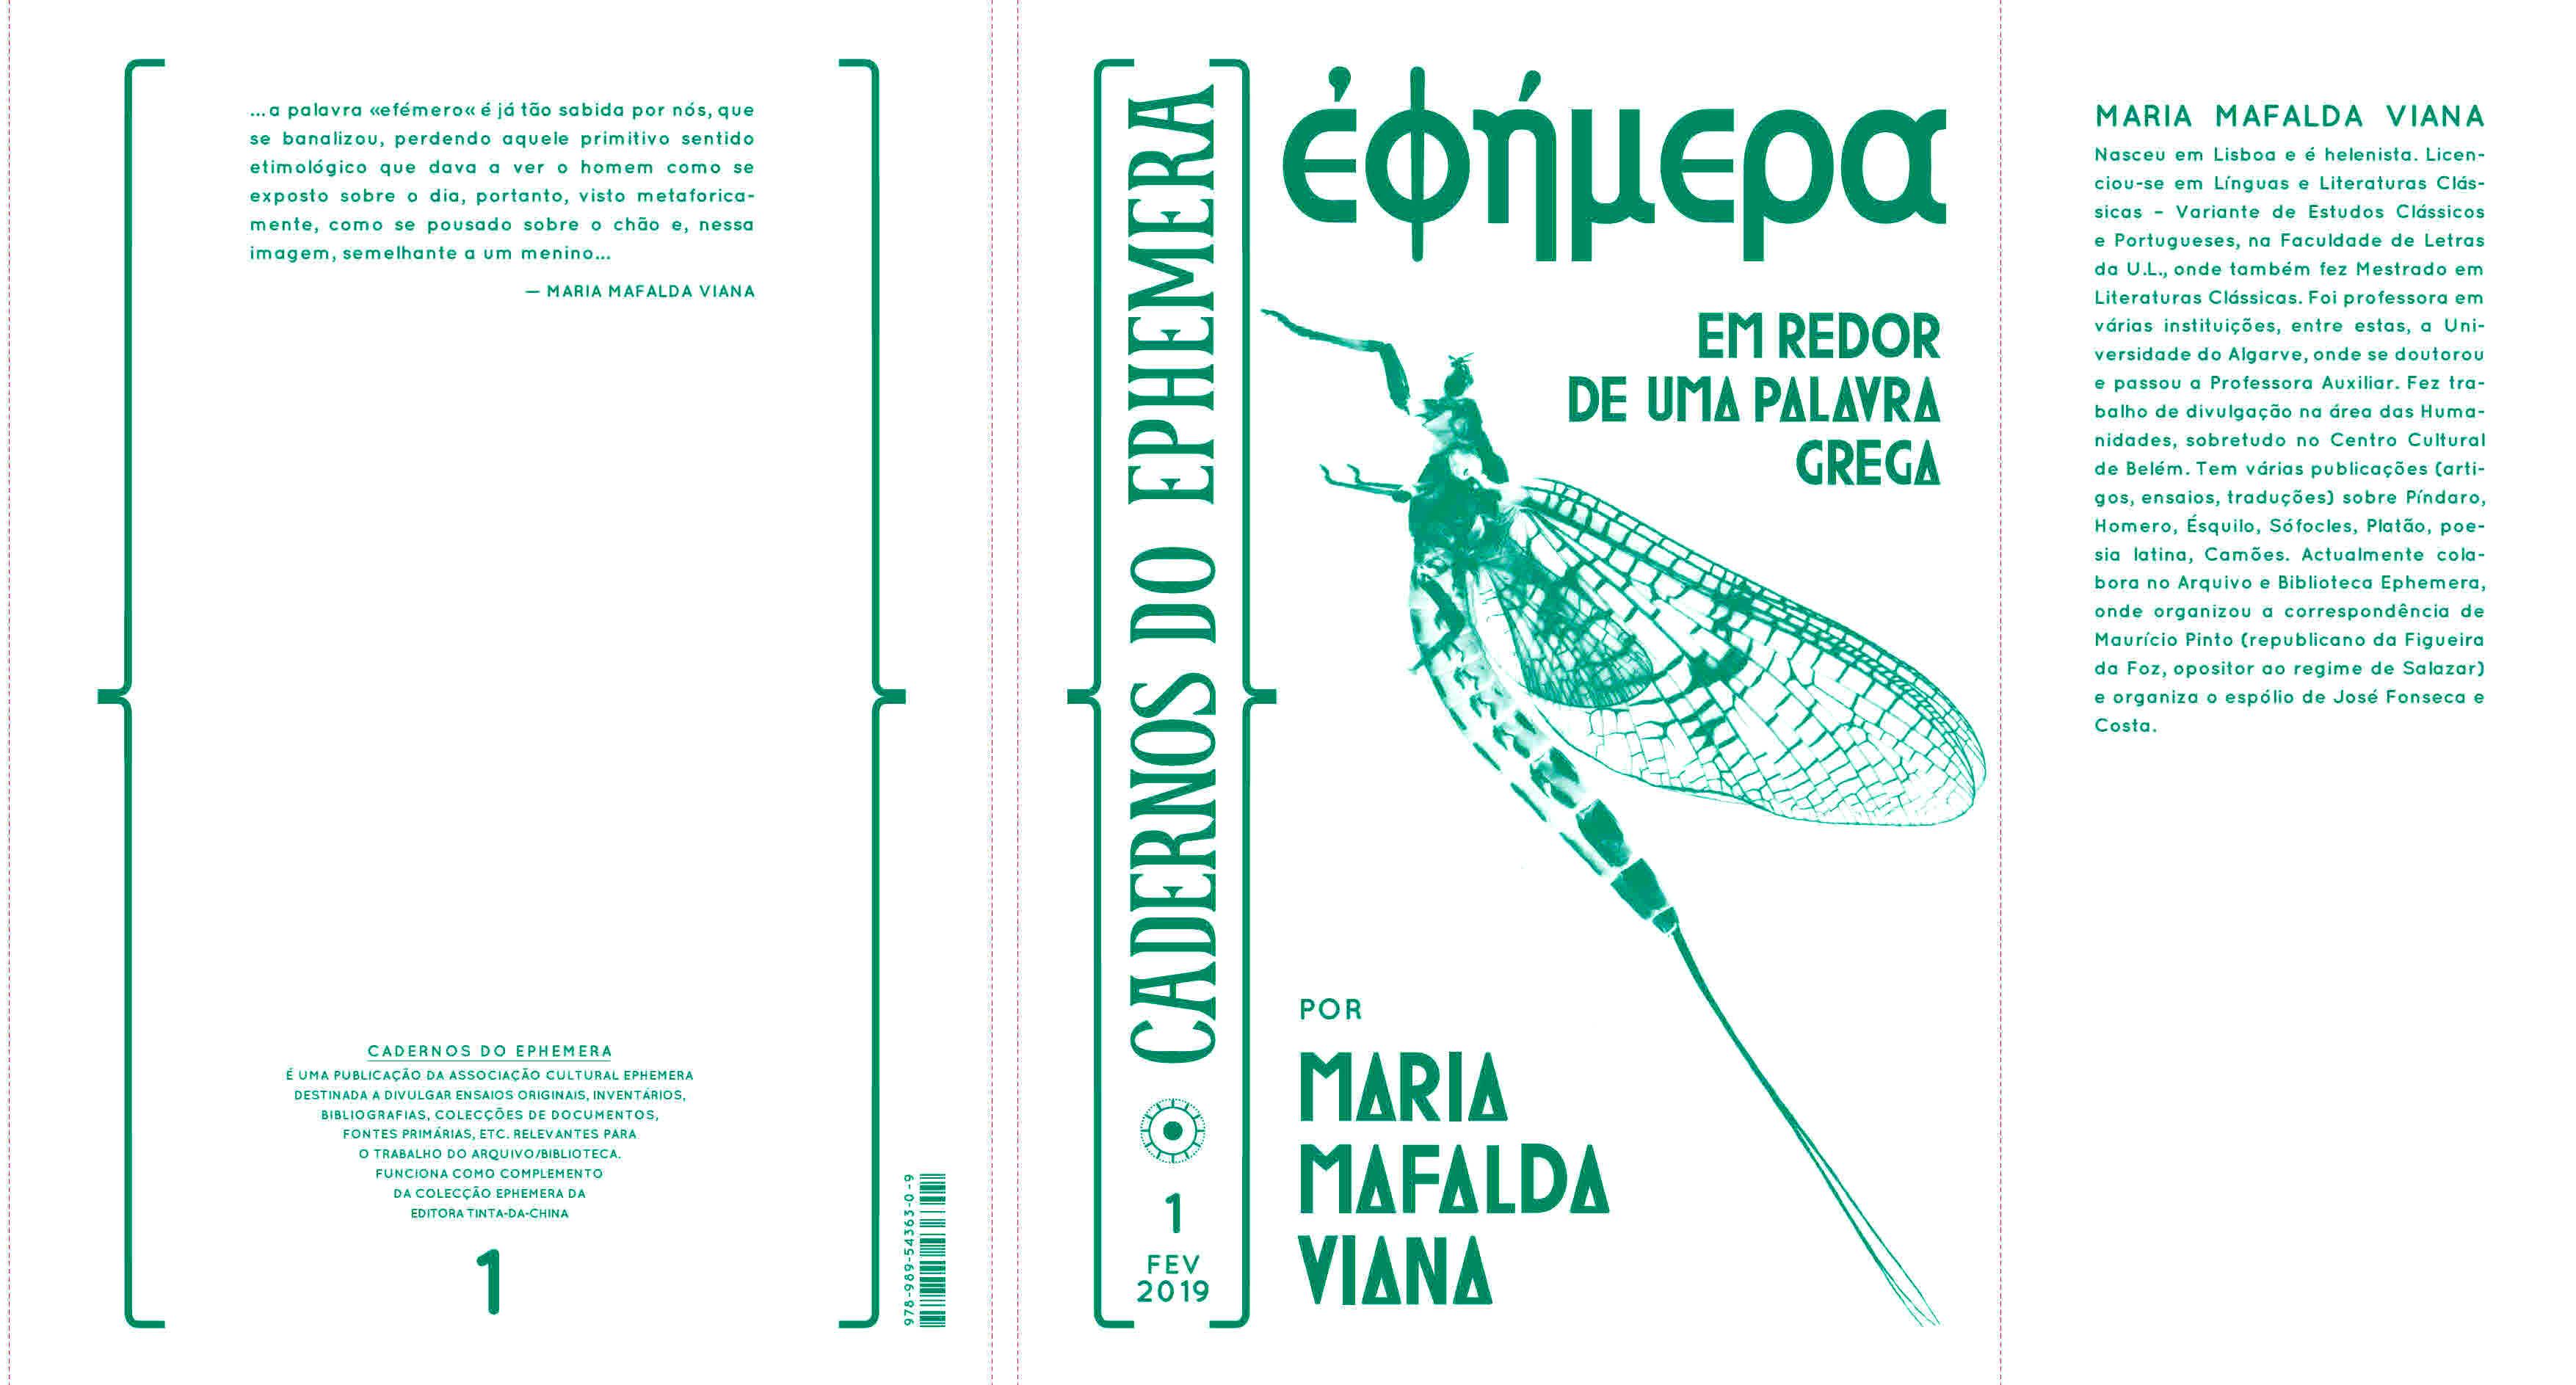 9d466c5cd CADERNOS DO EPHEMERA Nº1 – MARIA MAFALDA VIANA – ἐφήμερα EM REDOR DE UMA  PALAVRA GREGA